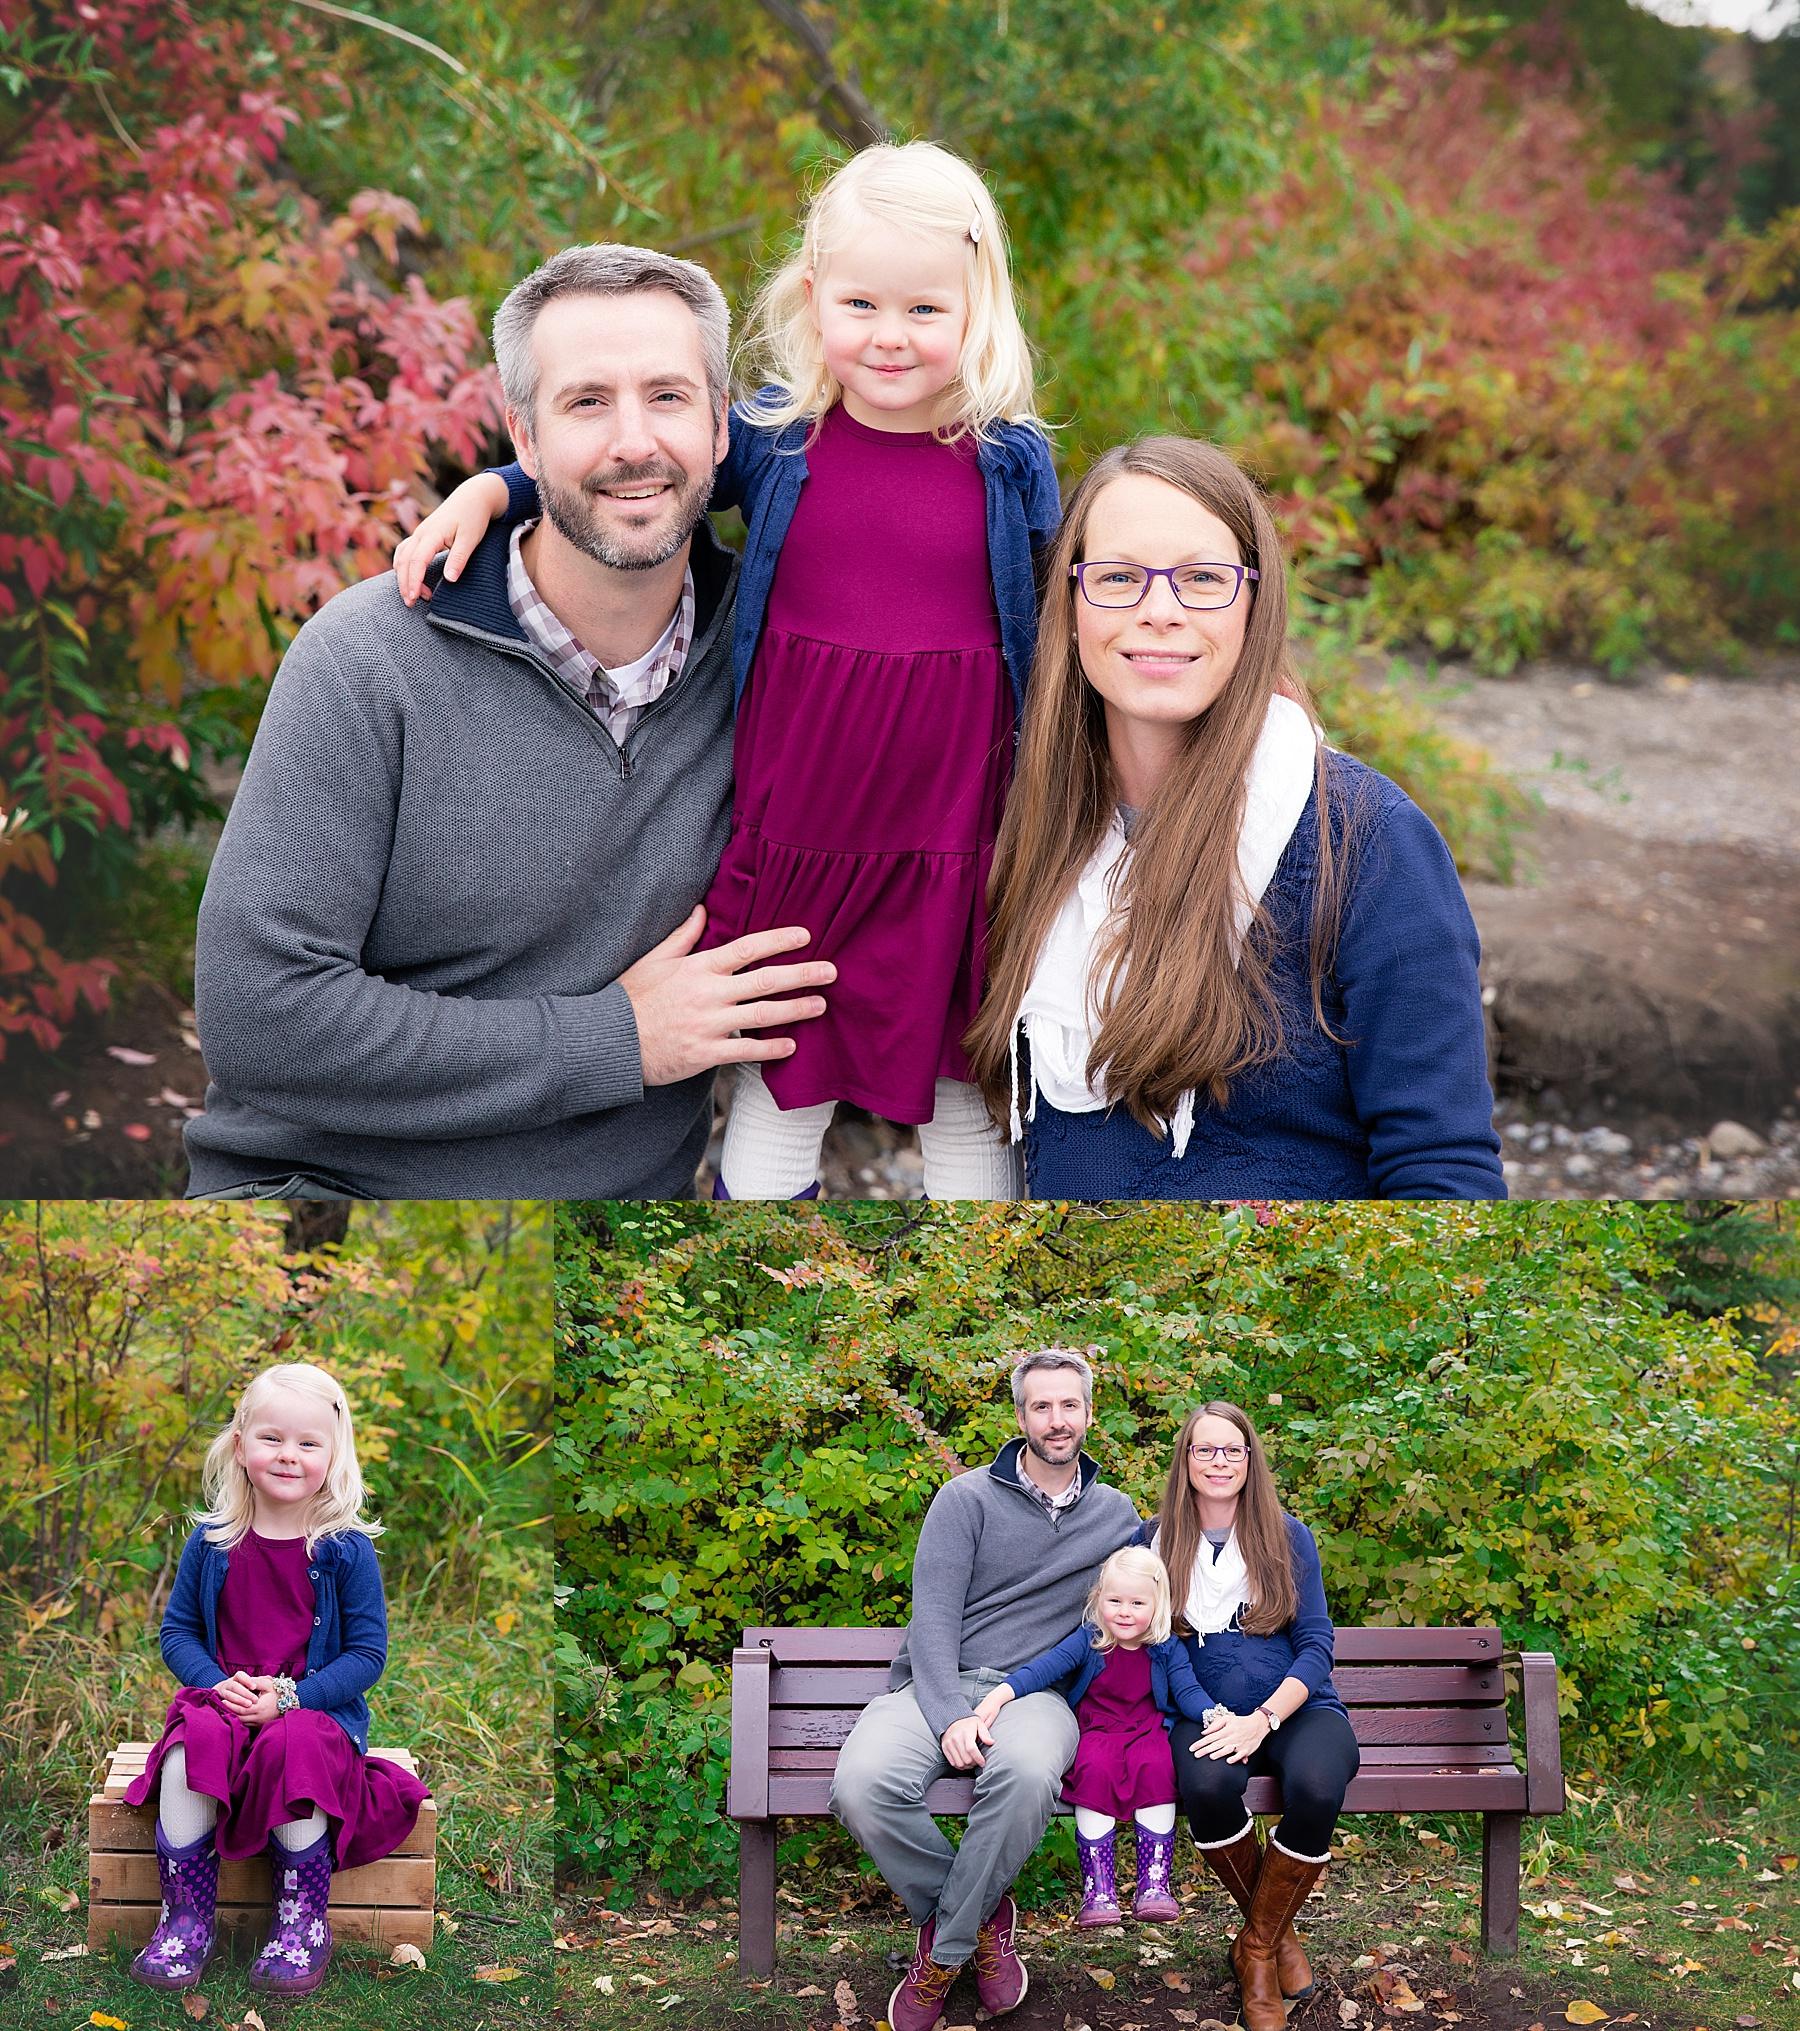 Calgary Fall Mini Session. Family Photographer. Milashka Photography. Edworthy Park